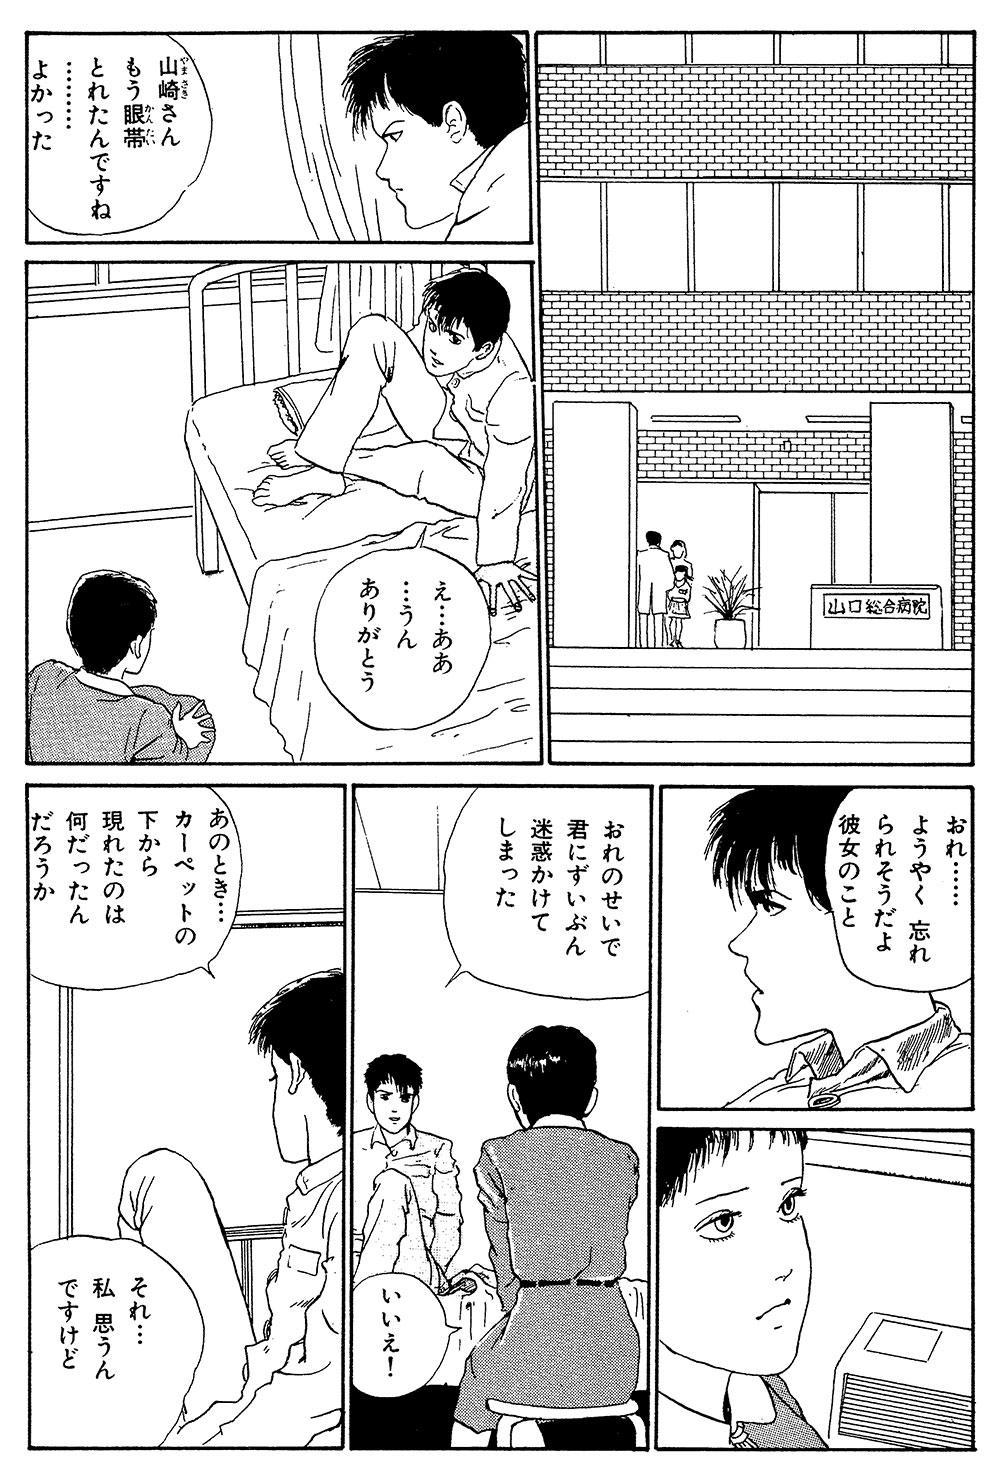 伊藤潤二傑作集 第5話「富江 接吻」⑤junji19-08.jpg